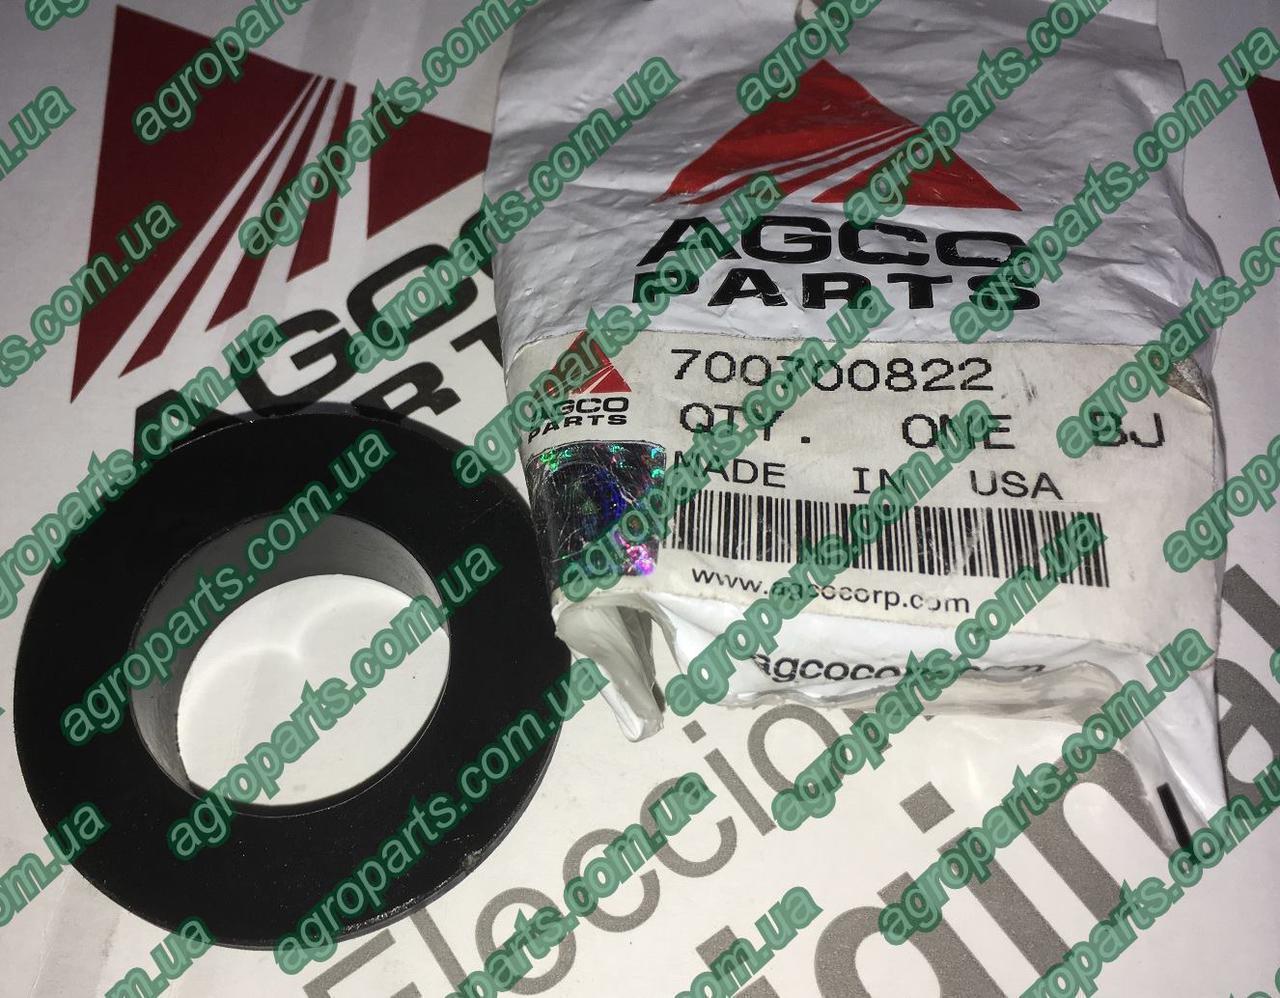 Втулка 700700822 прик колеса пласт Massey Ferguson BUSHING 700052369 AGCO